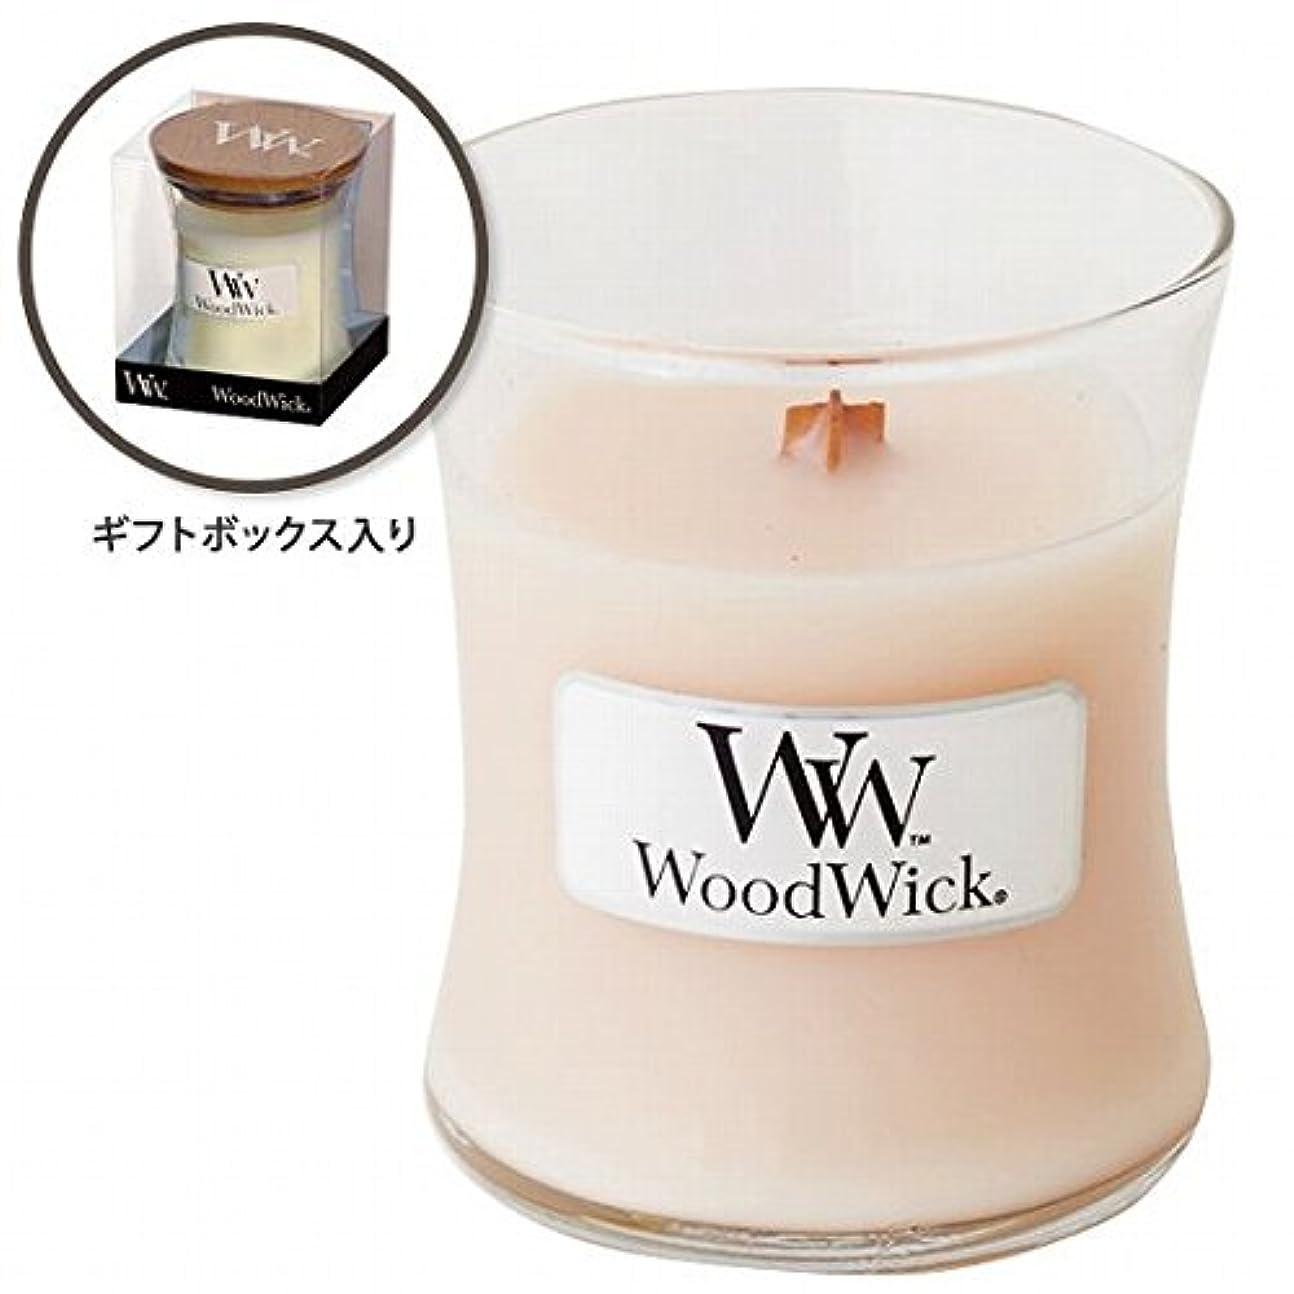 WoodWick(ウッドウィック) Wood WickジャーS 「コースタルサンセット」(W9000563)